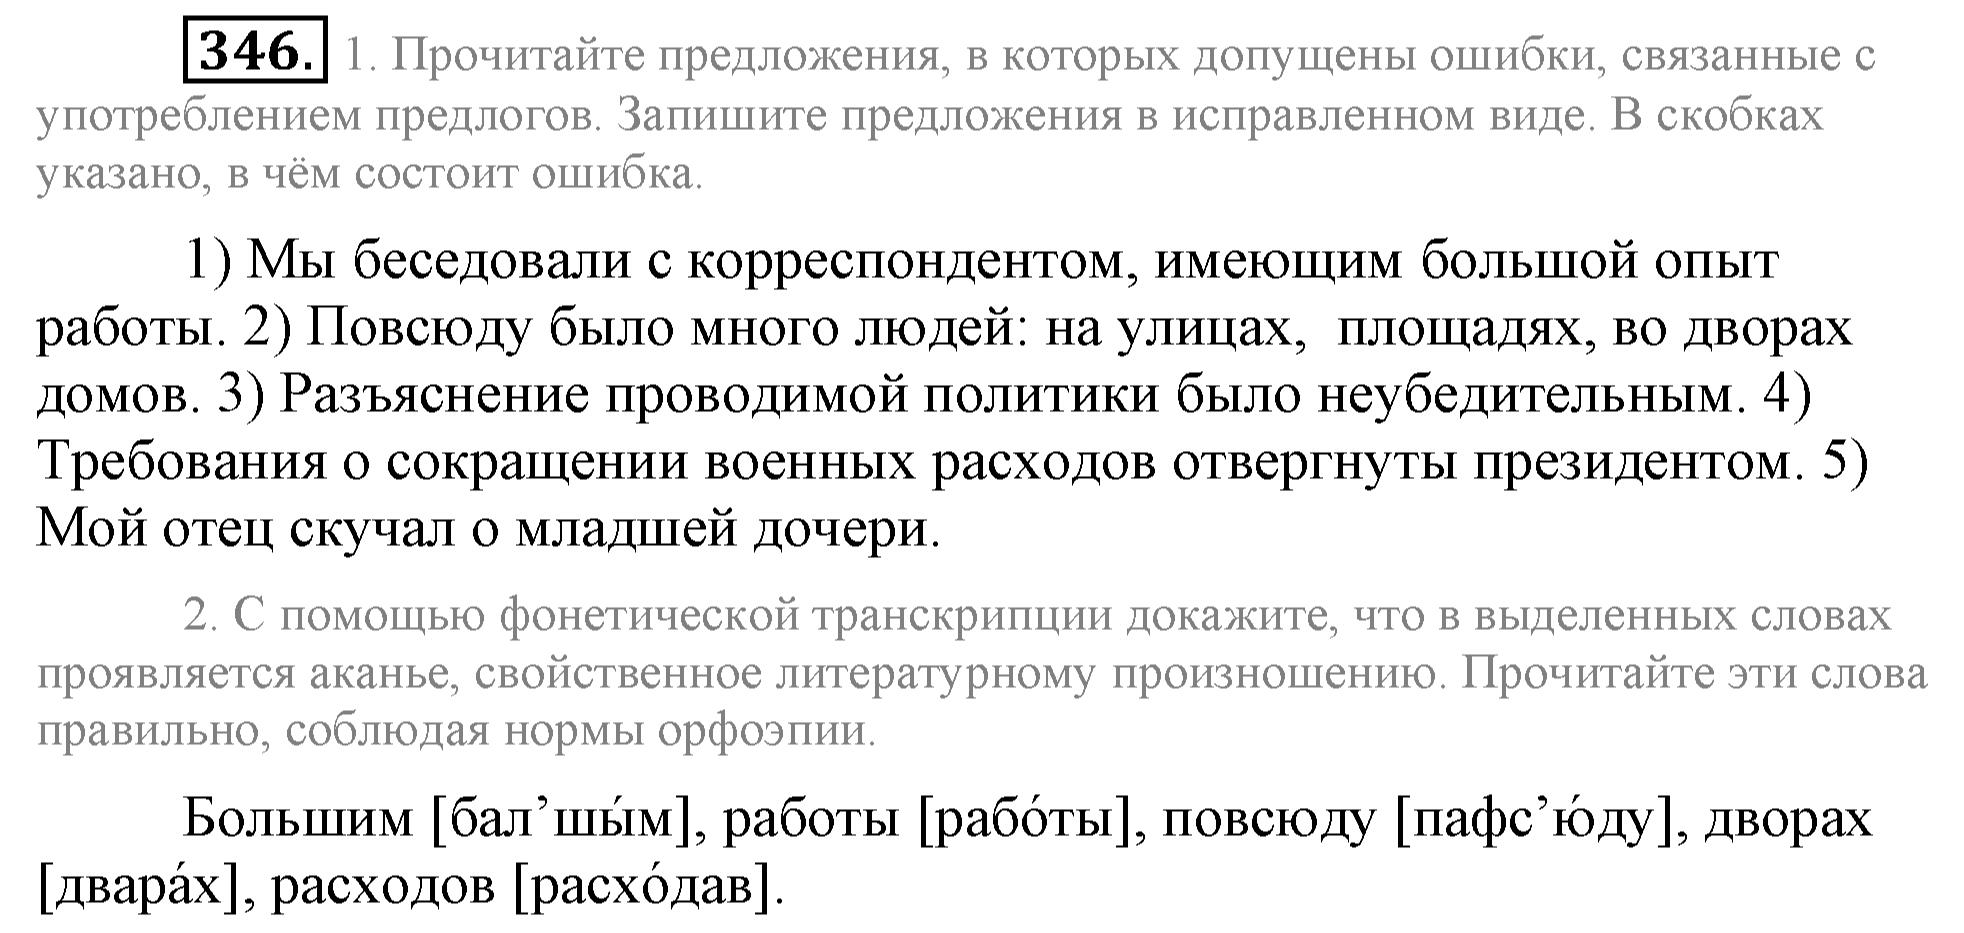 Решебник по русскому языку 7 класс львова и львов 2 часть без скачивания